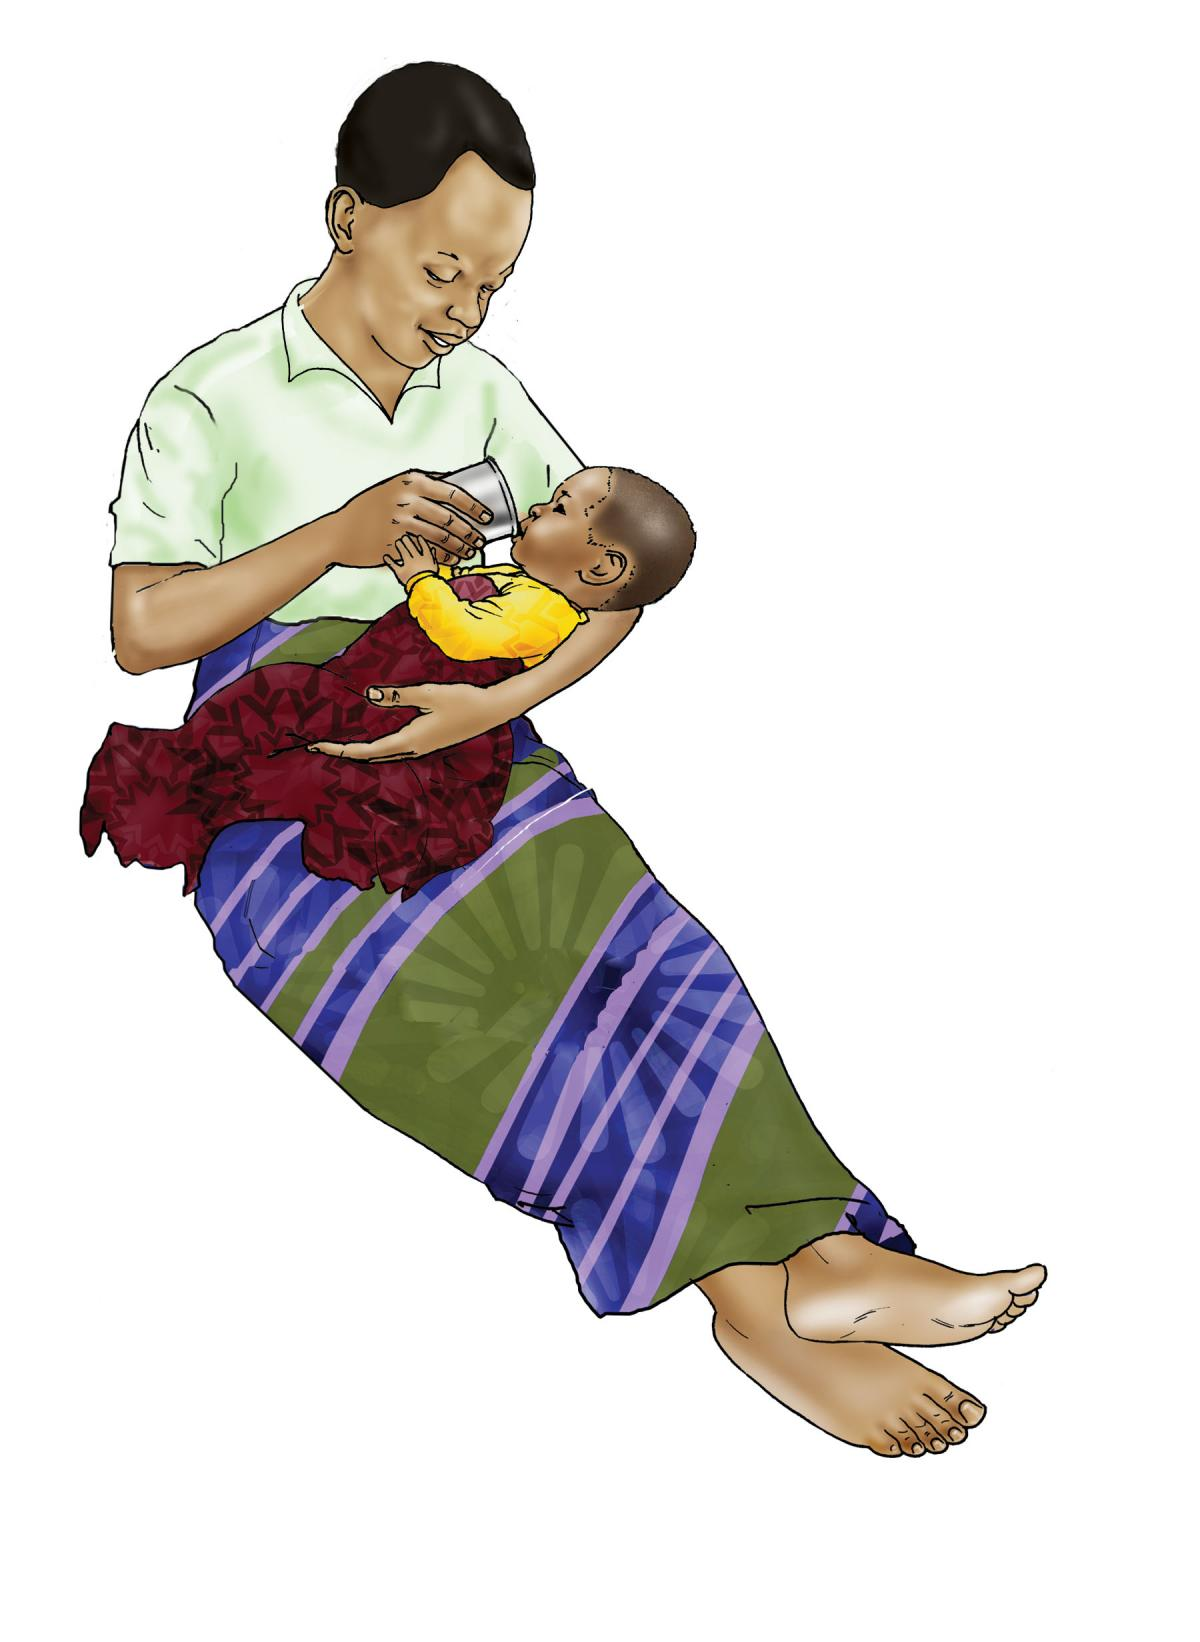 Cup Feeding - Cup feeding baby 6-24mo - 04 - Rwanda